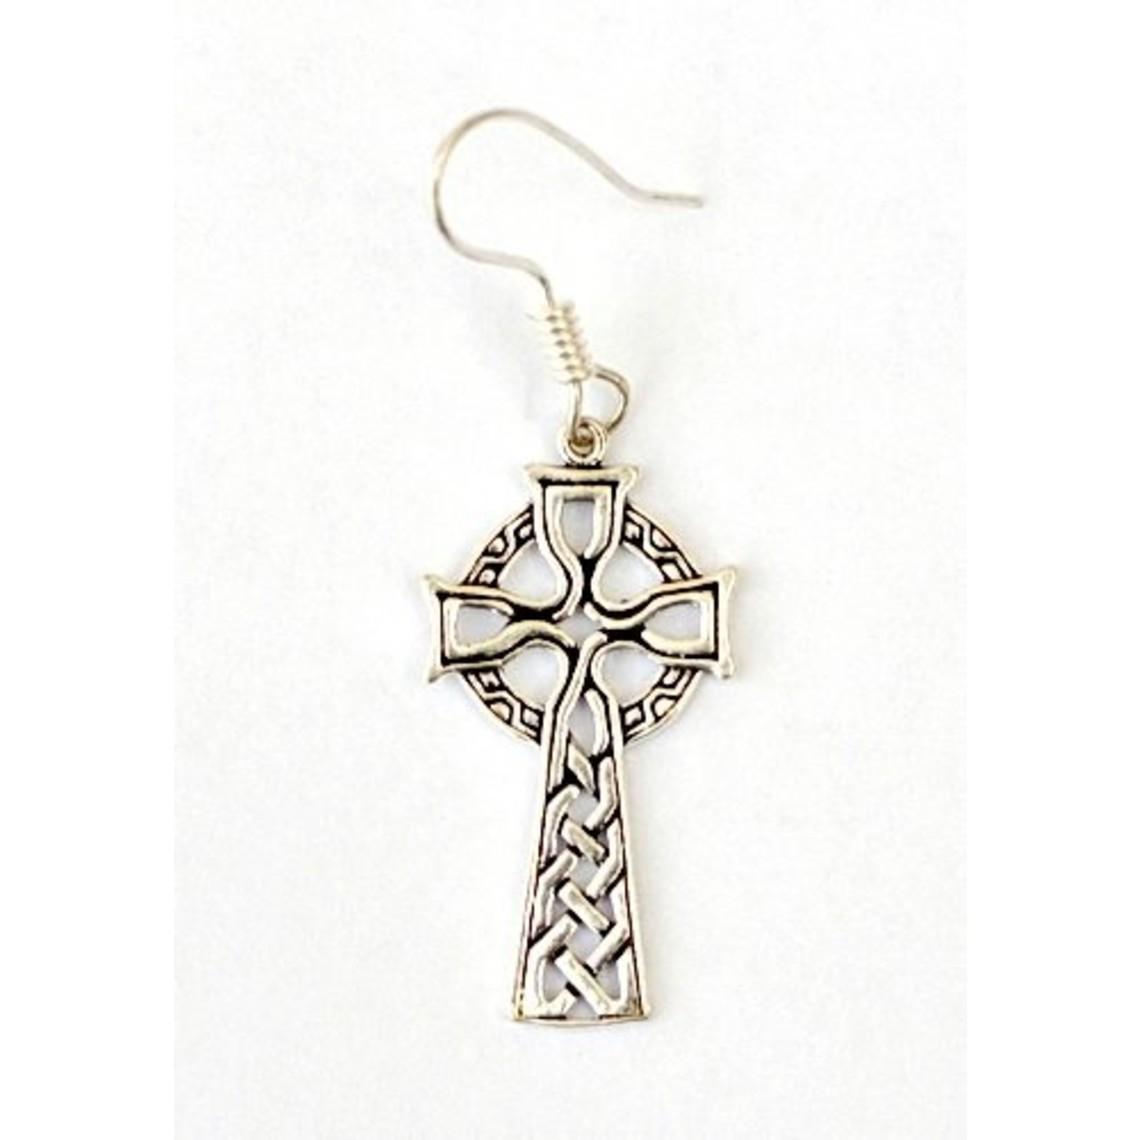 Pendientes con cruz celta, bronce